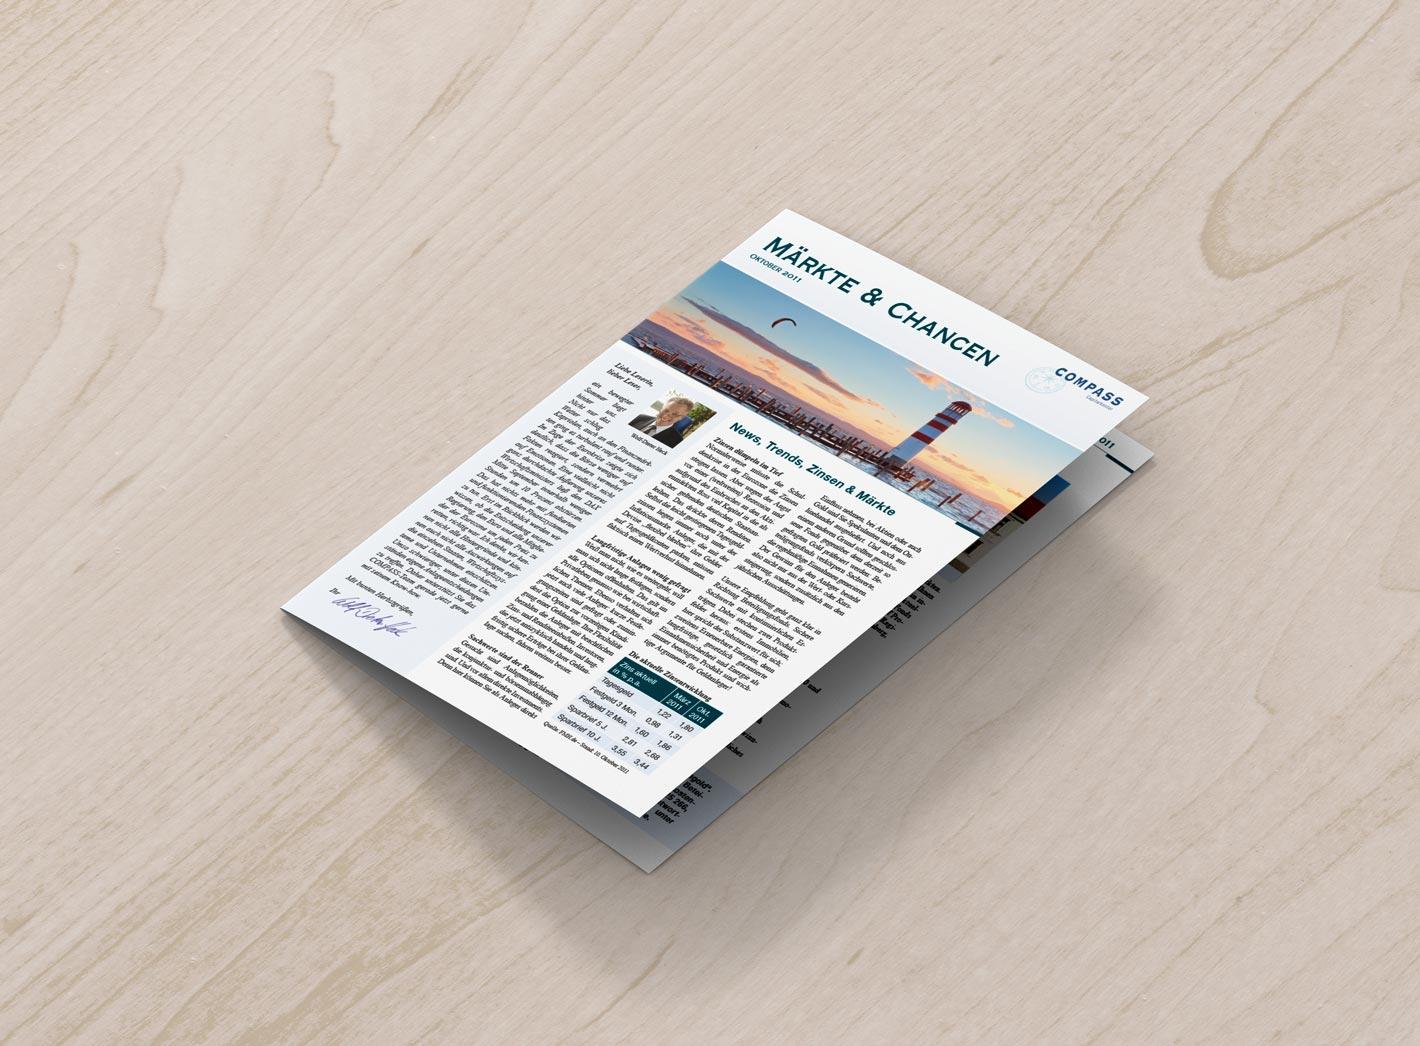 Kundenzeitschrift COMPASS front